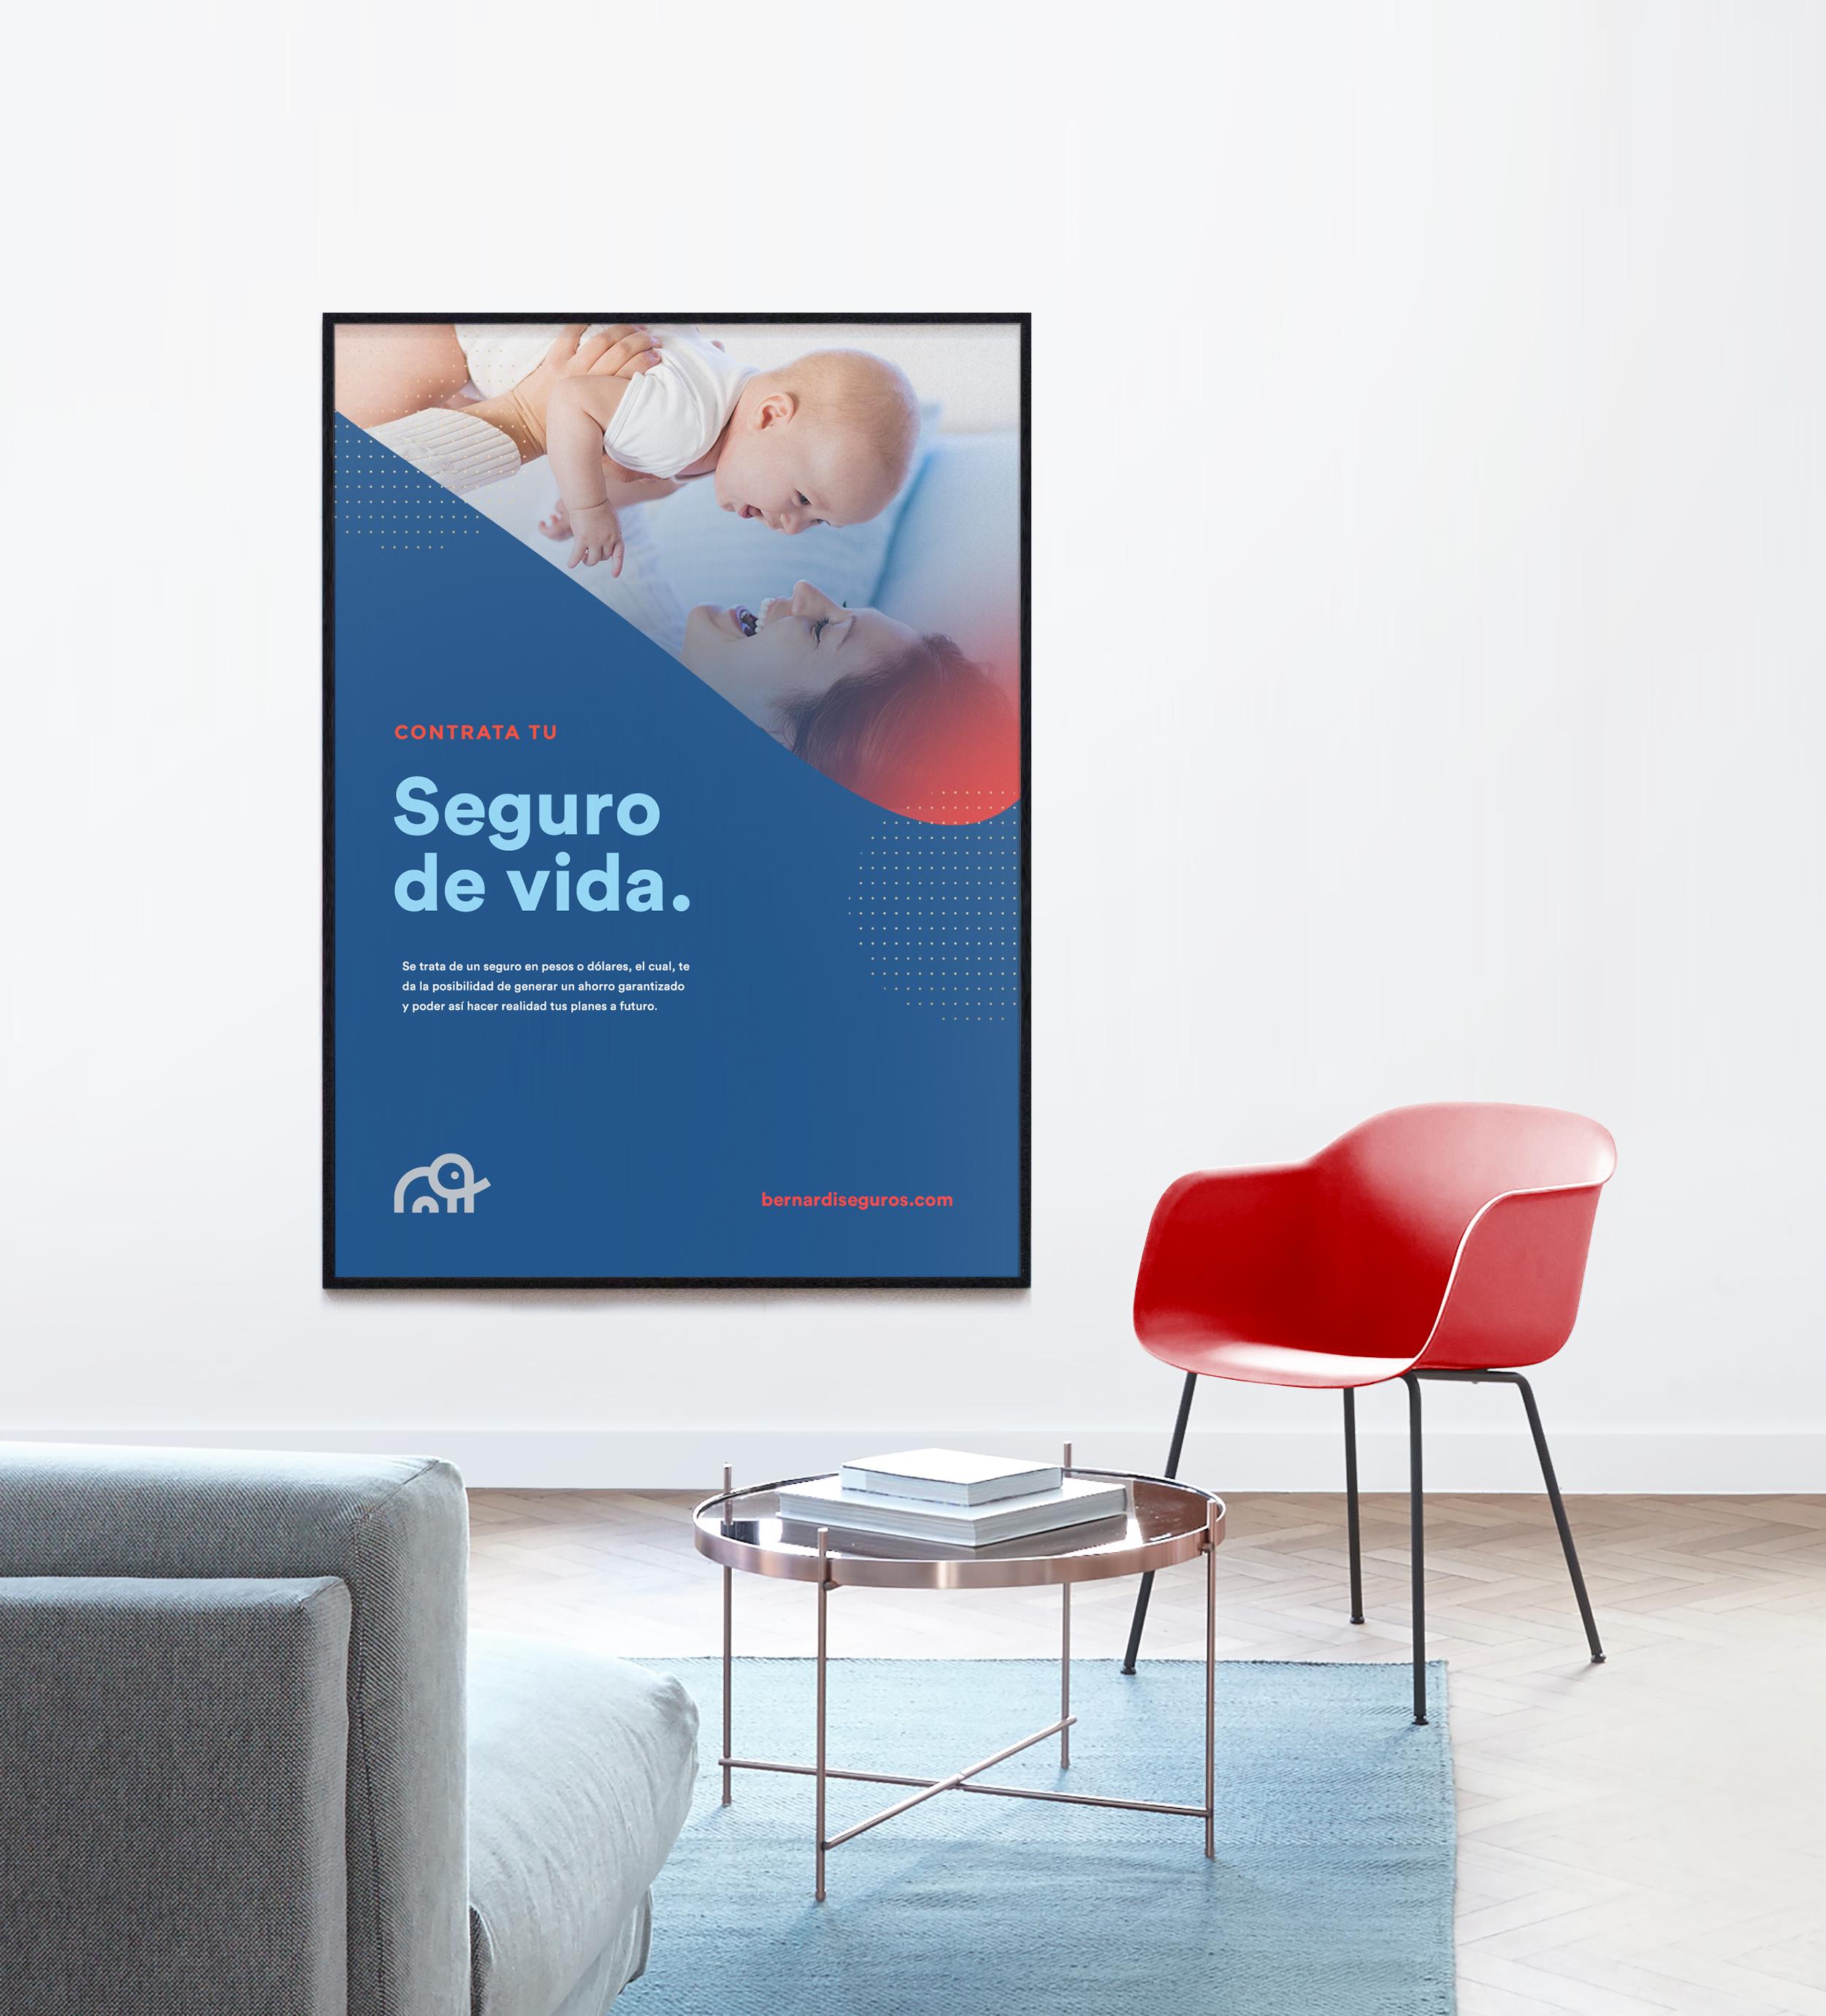 posters_bernardi_seguros_yoenpaperland